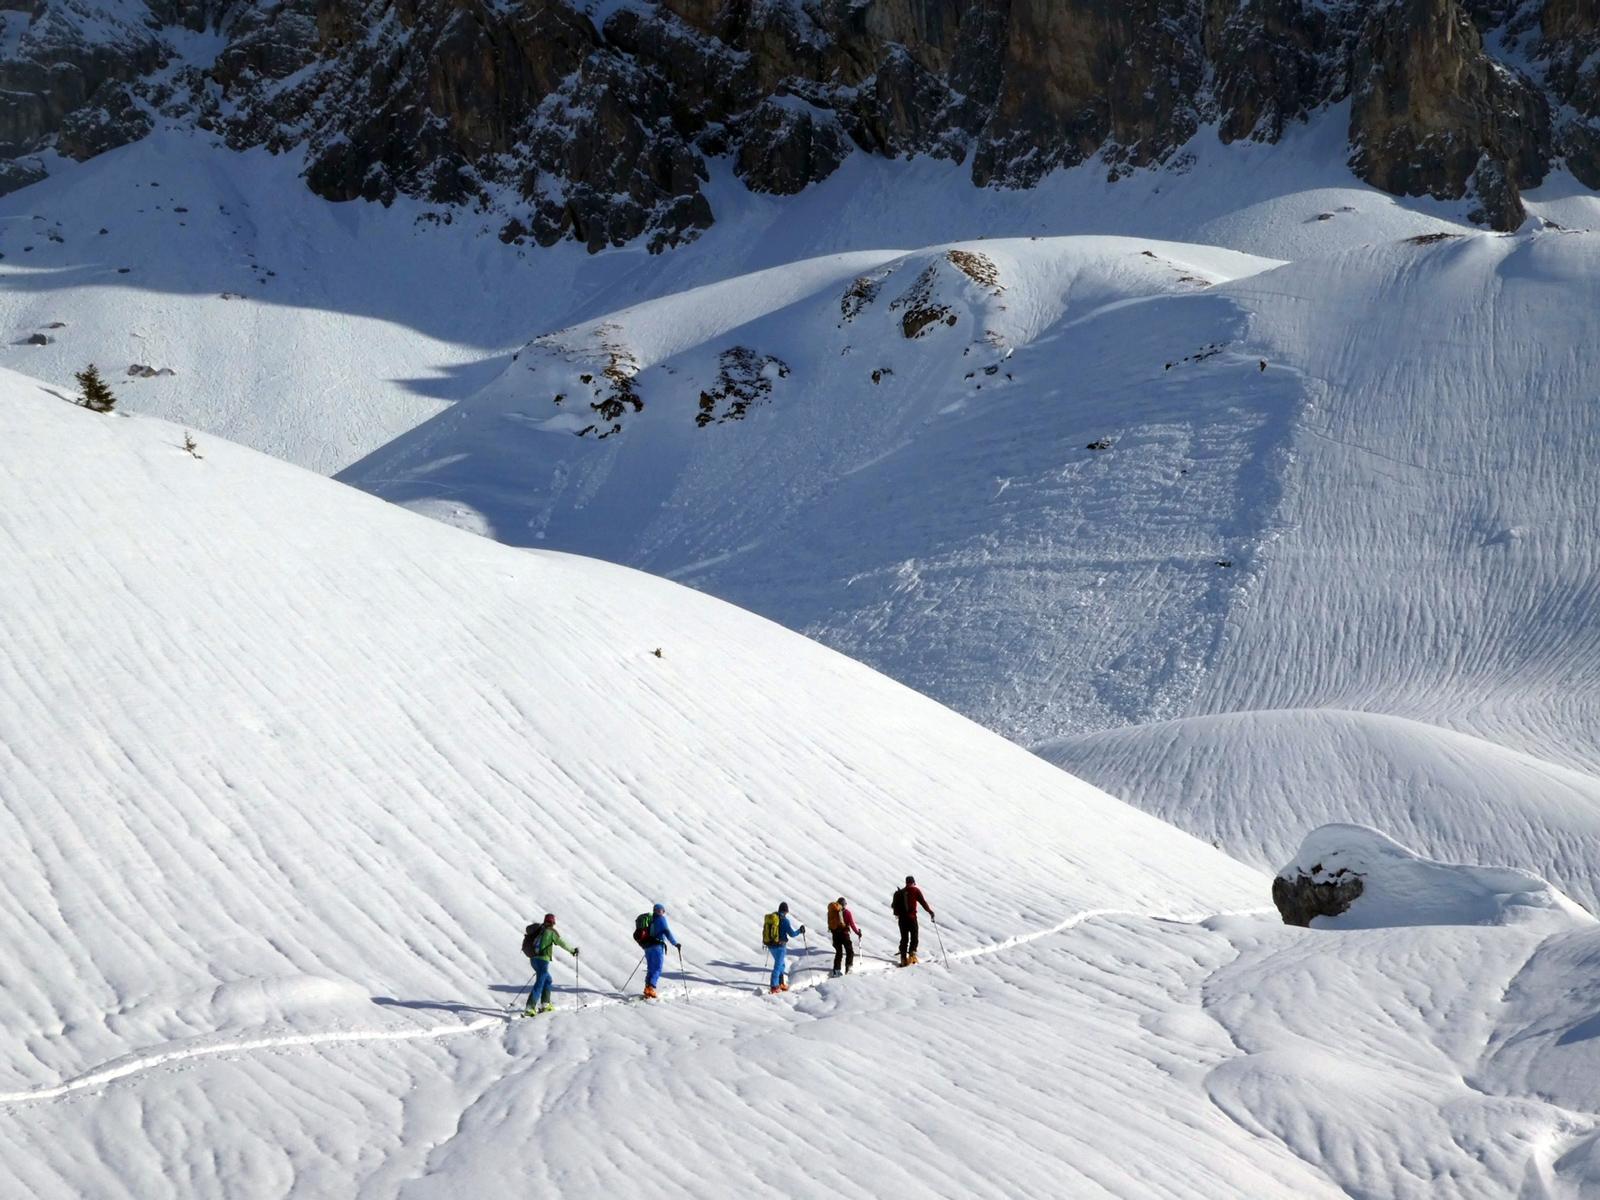 Der Regen hat an der Schneeoberfläche in St. Antönien (GR) deutliche Spuren hinterlassen. Die Lawine im Hintergrund (Nordhang auf rund 2.200 m) ging ebenfalls aufgrund von Wärme bzw. Regen ab. Foto: S. Harvey/01.02.2020